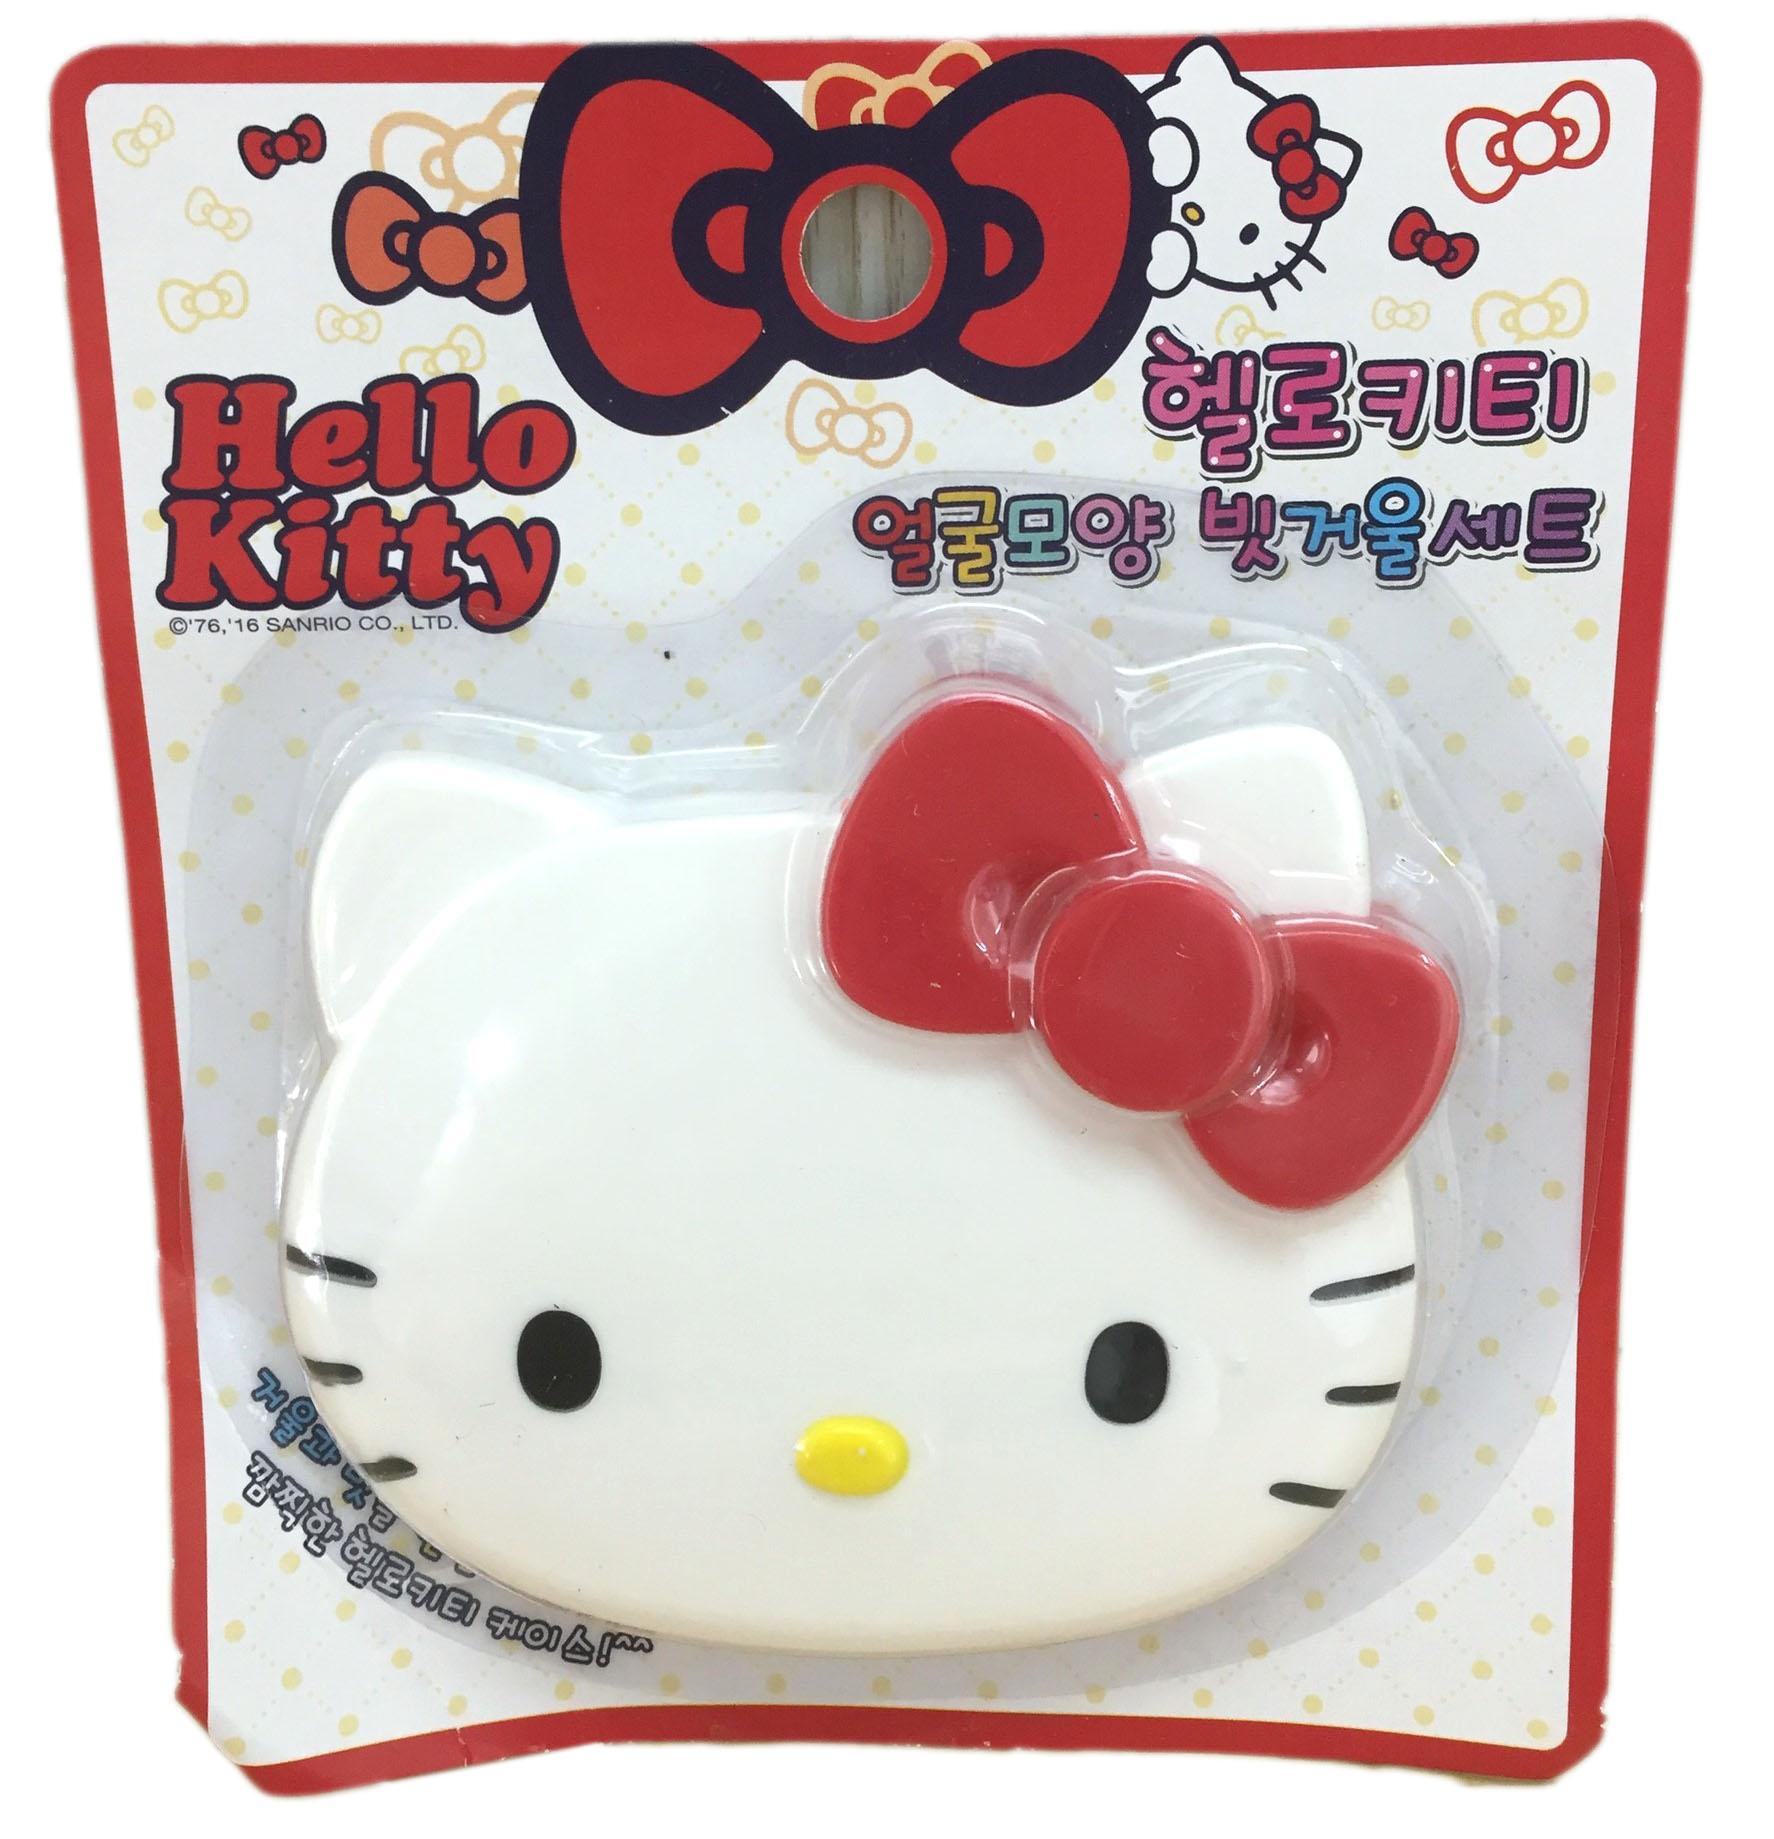 【真愛日本】16071200021鏡梳組-KT大頭紅   三麗鷗 Hello Kitty 凱蒂貓   梳妝鏡  日用品